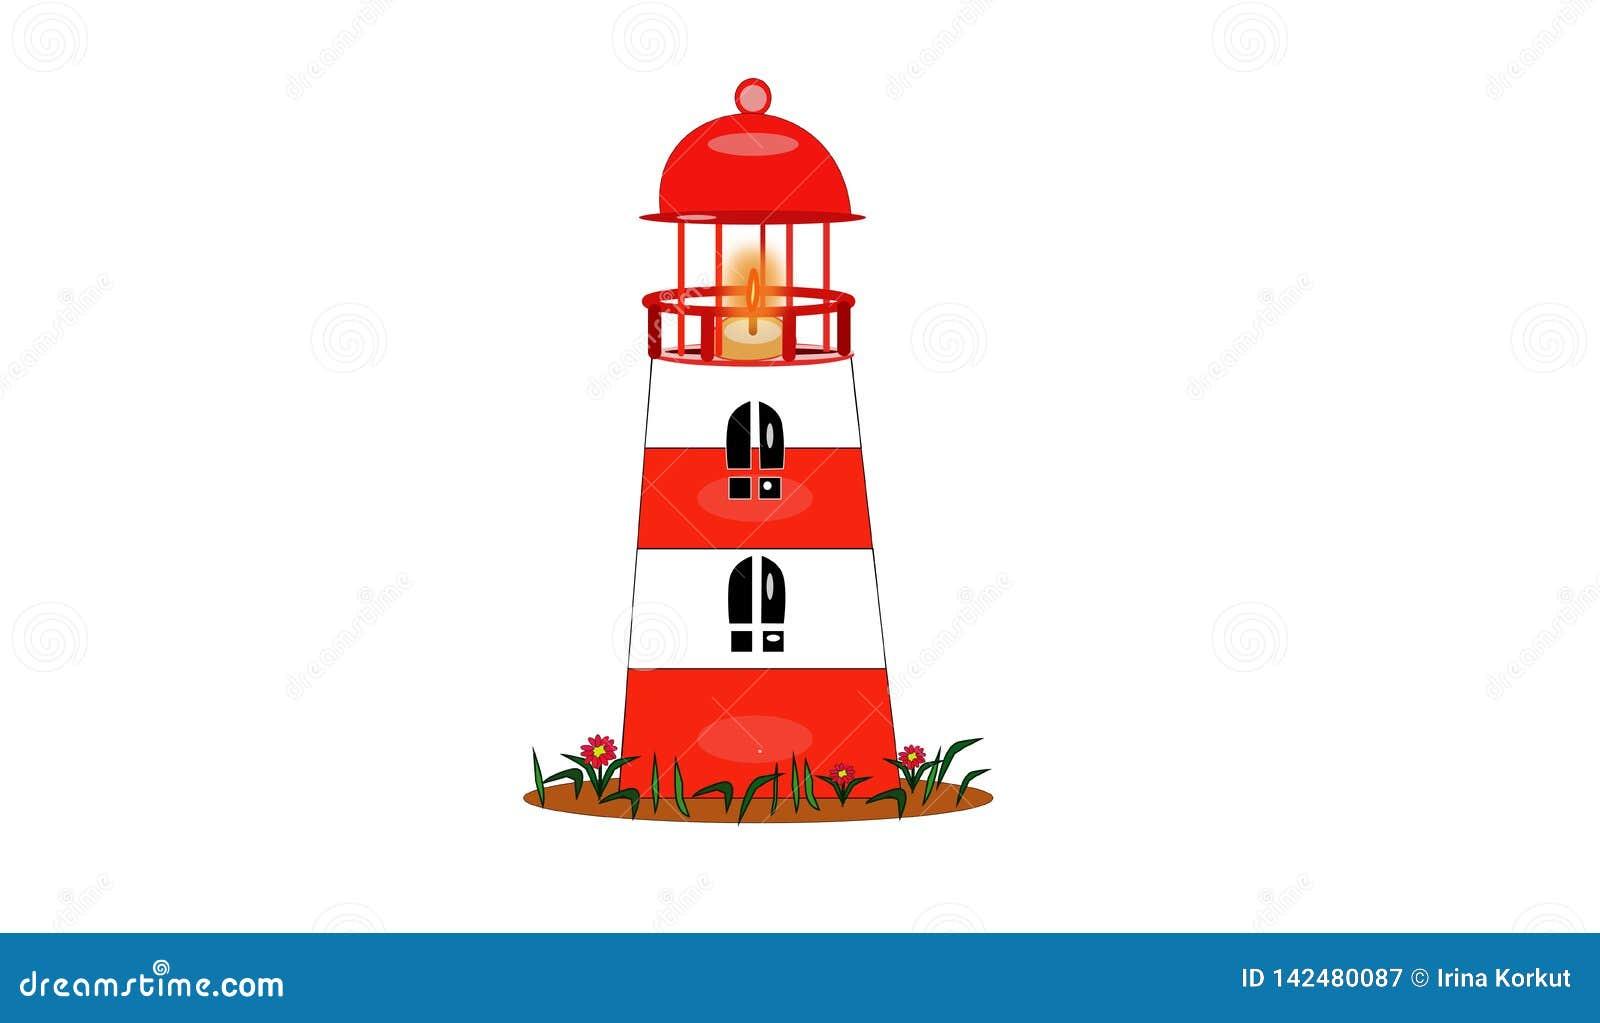 Faro Bianco-rosso isolato con la luce del fuoco per le navi